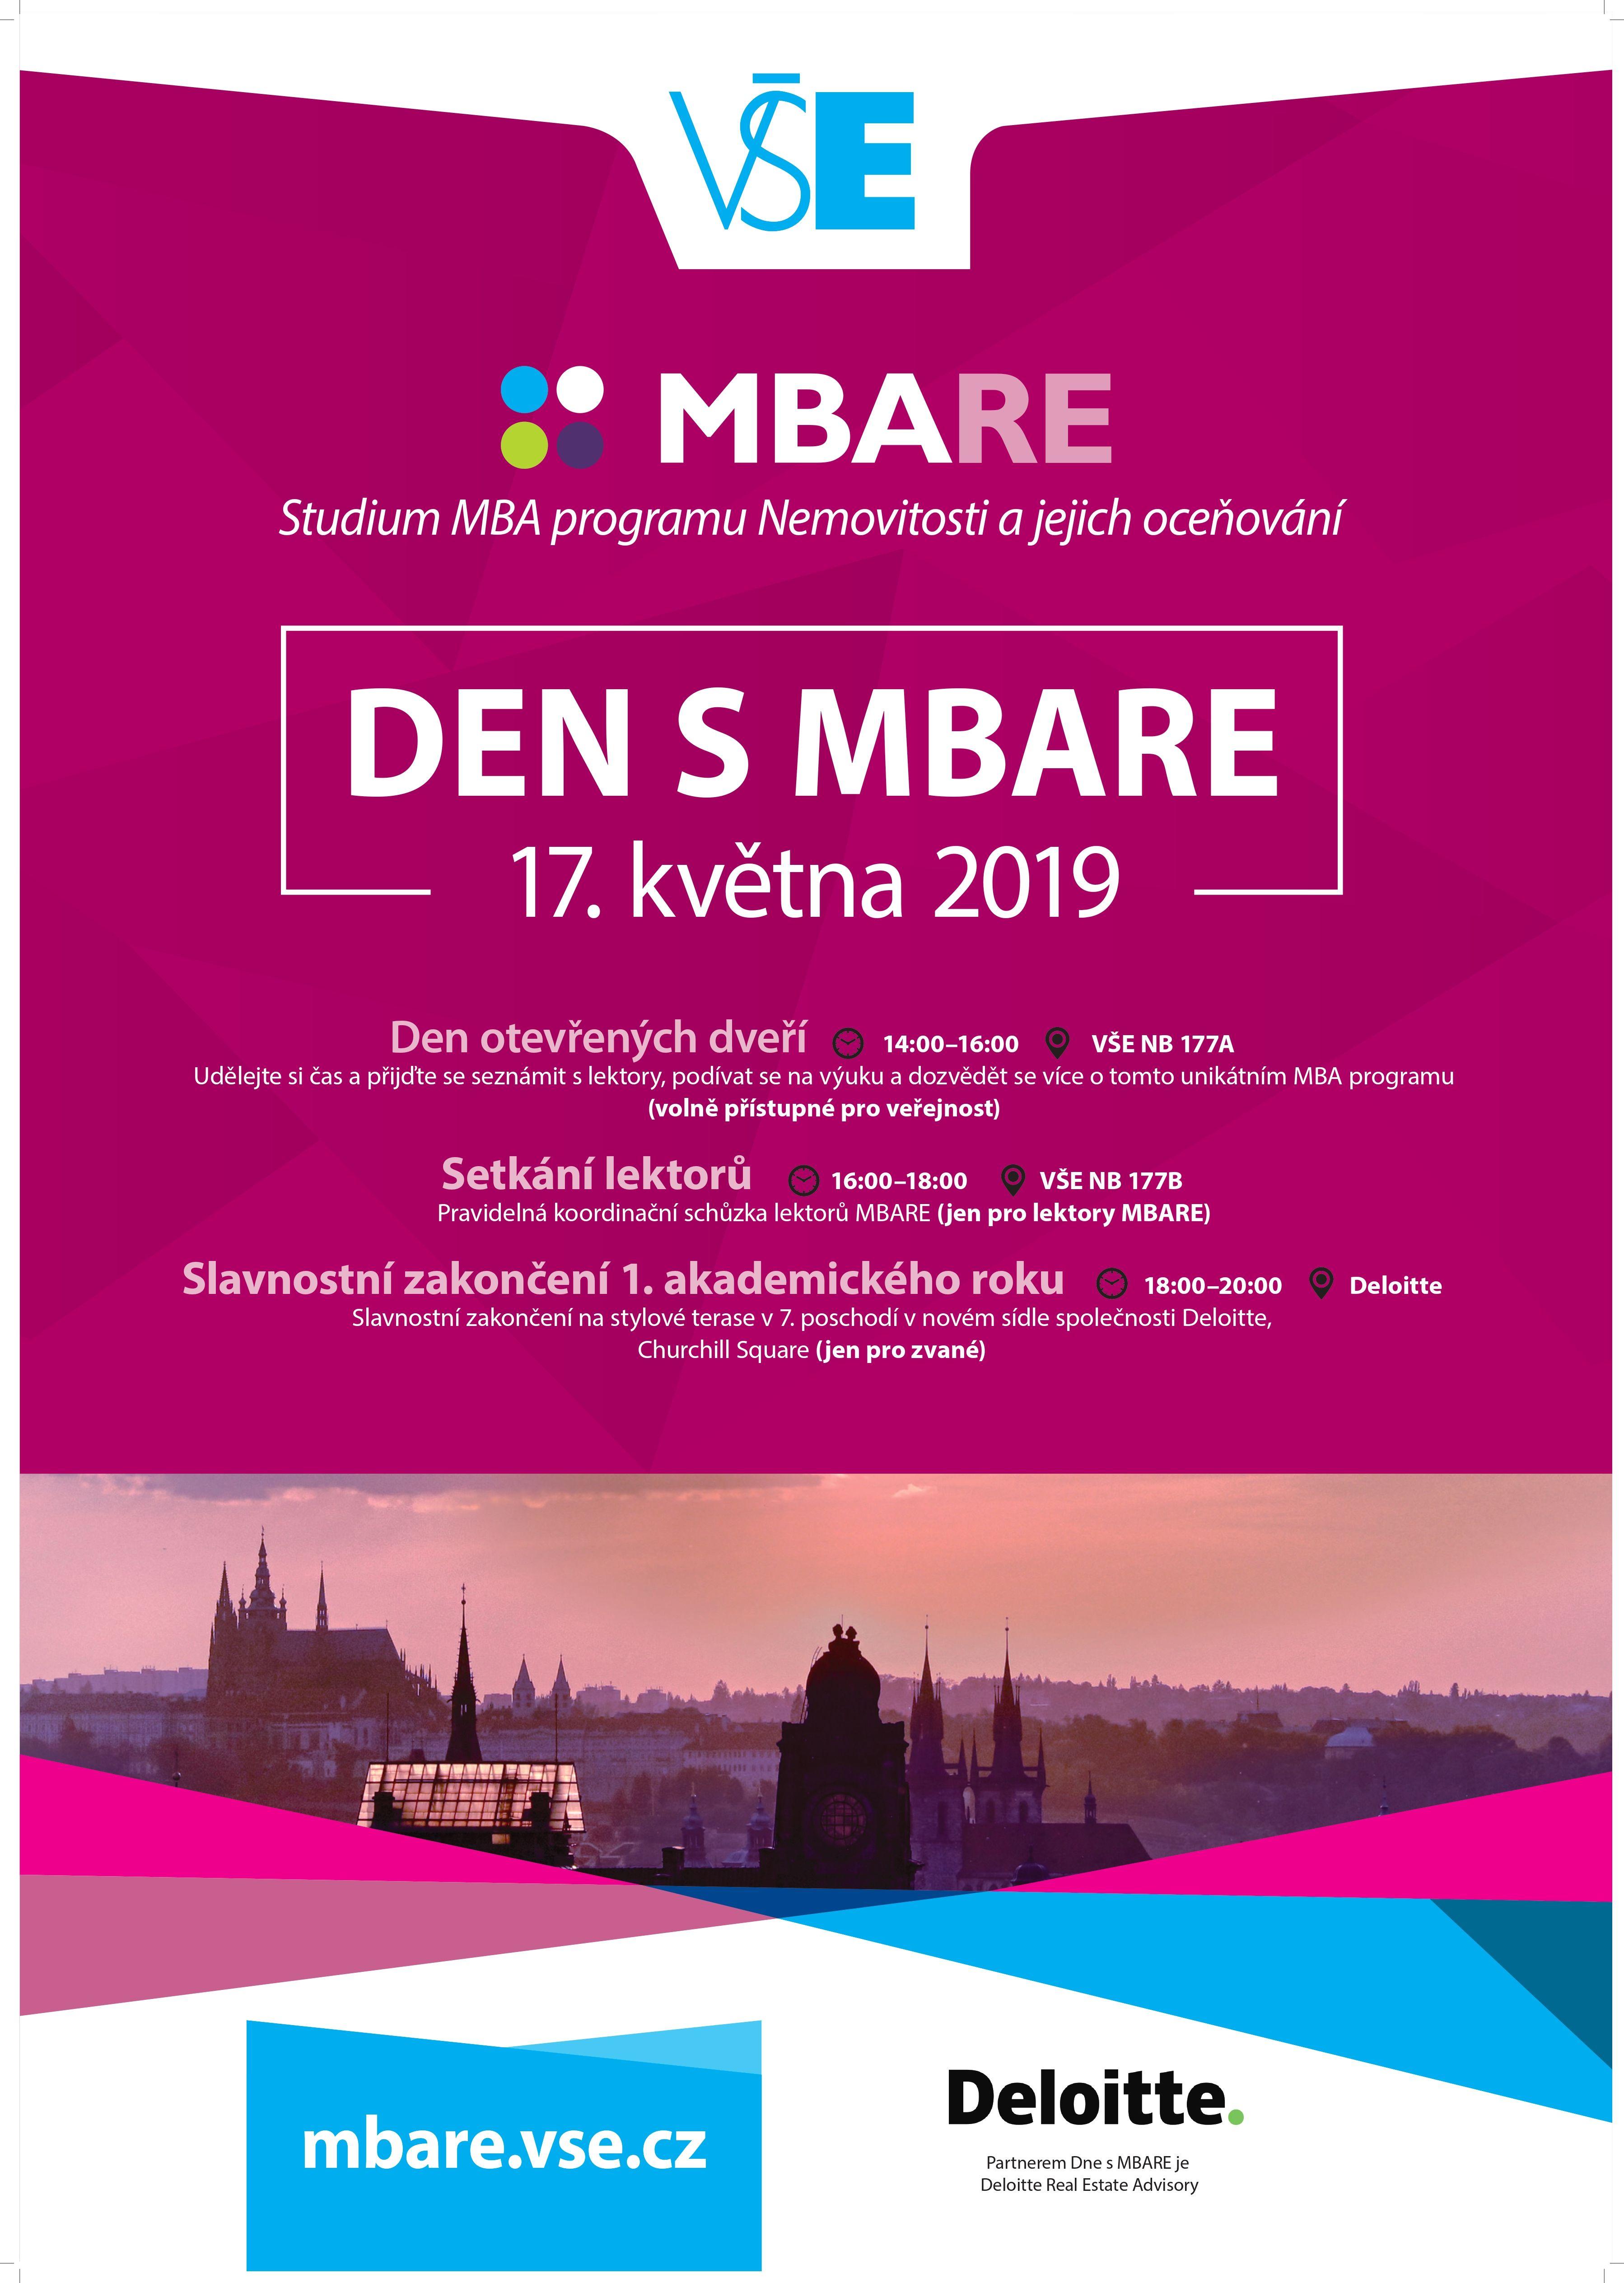 Den  otevřených  dveří  MBARE 17. 5. 2019